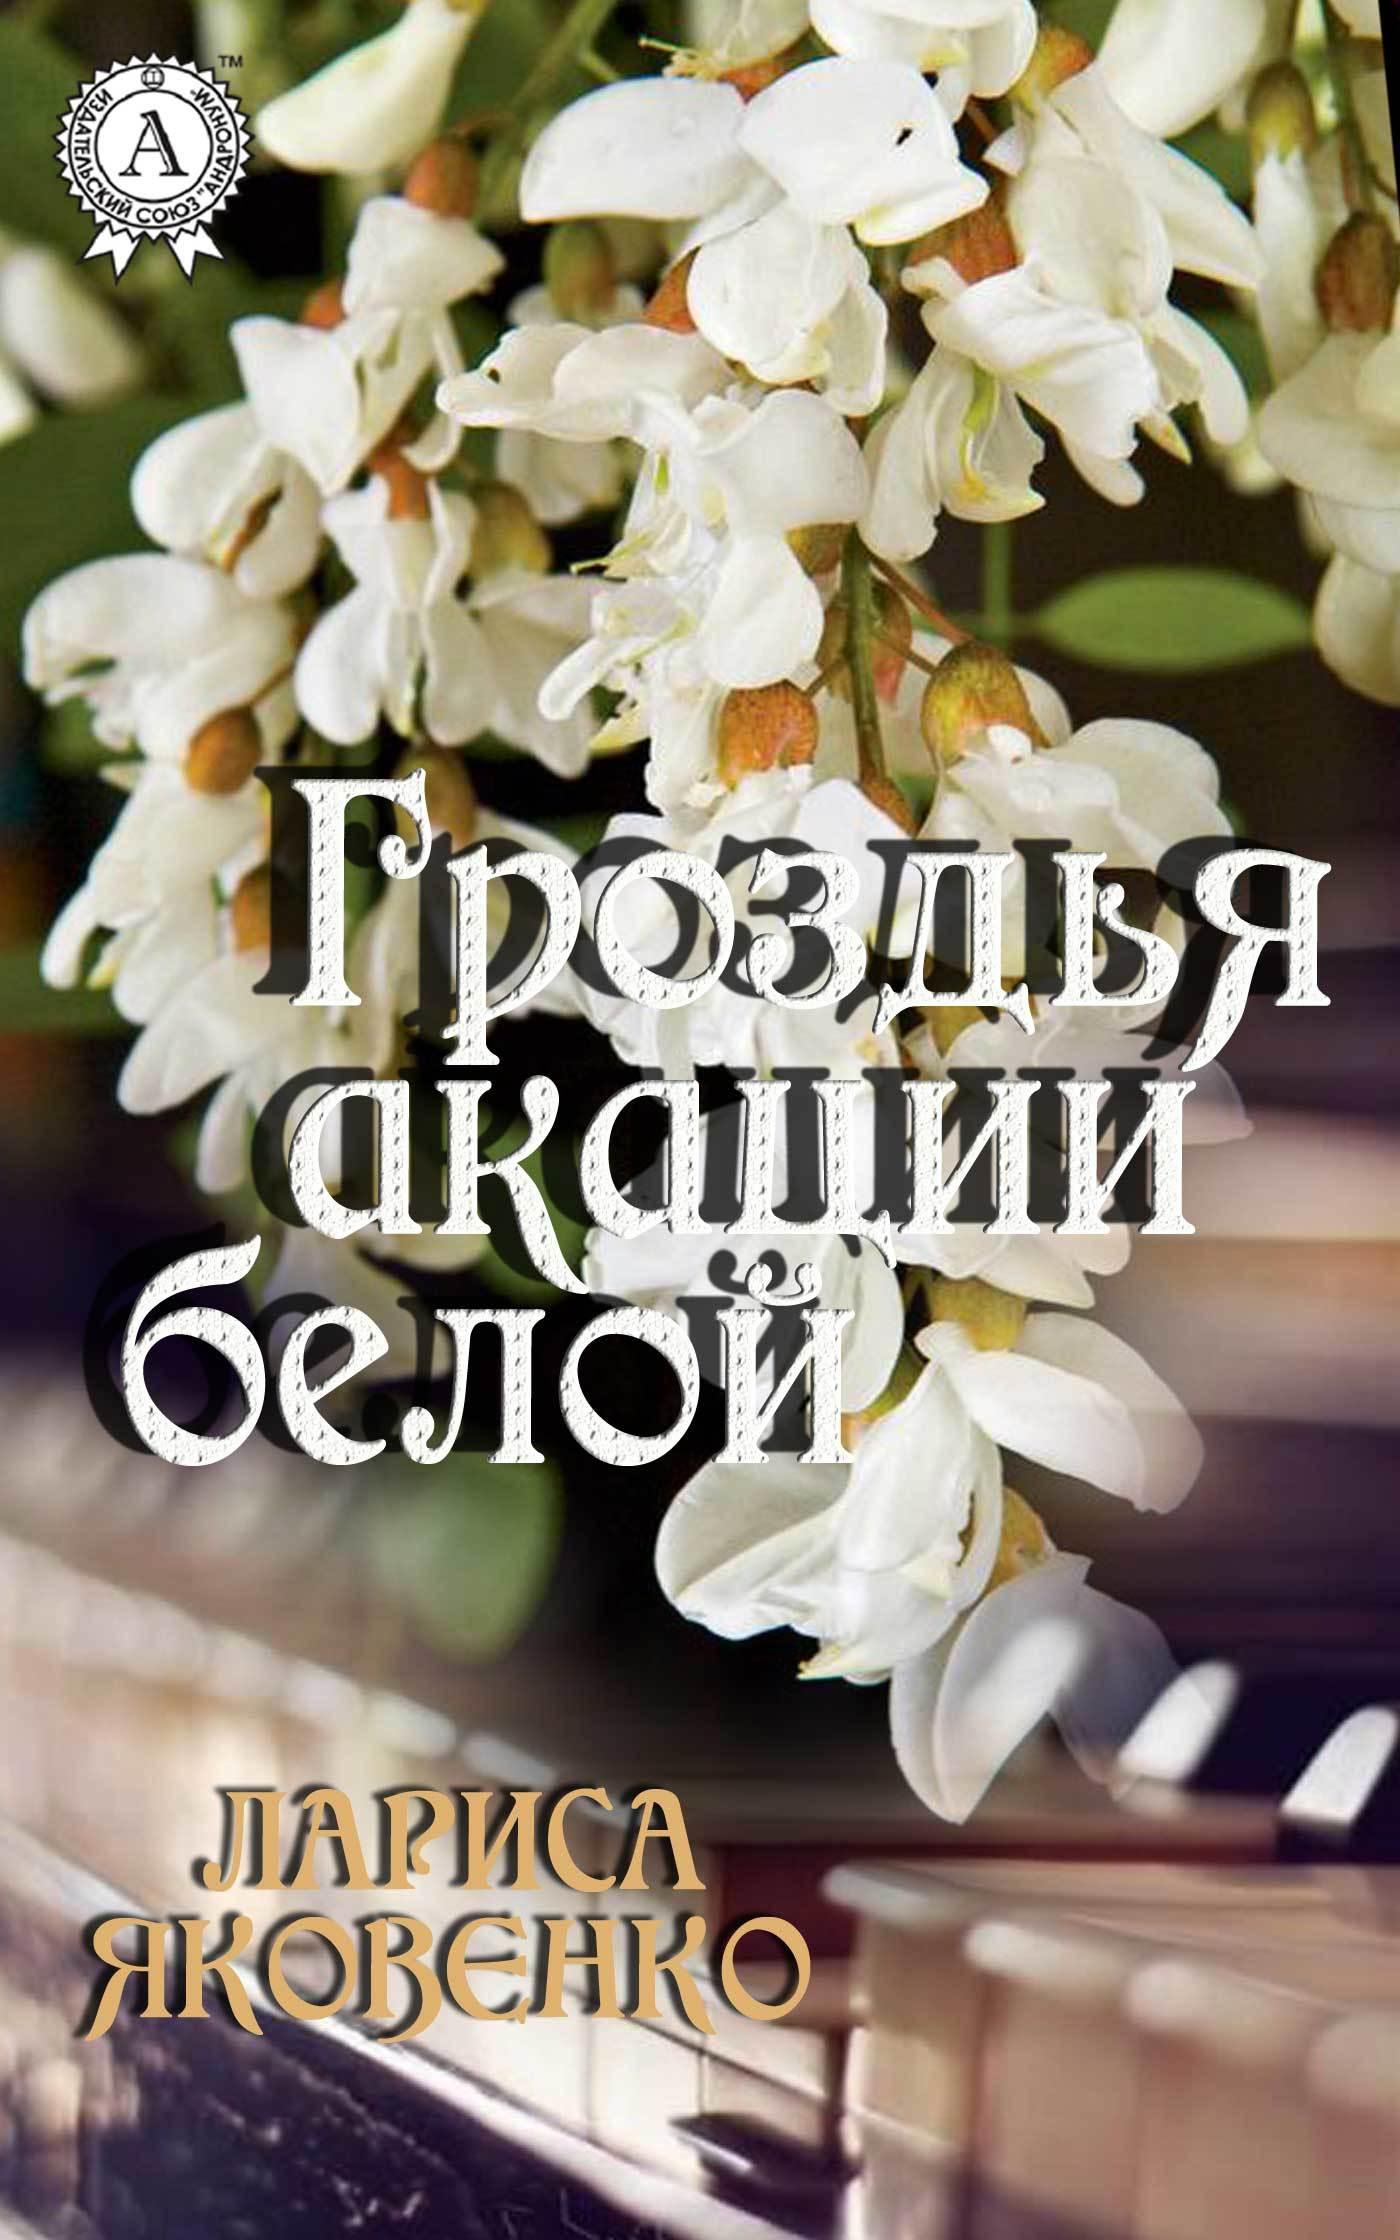 Лариса Яковенко Гроздья акации белой вцспс зеленый город путевку